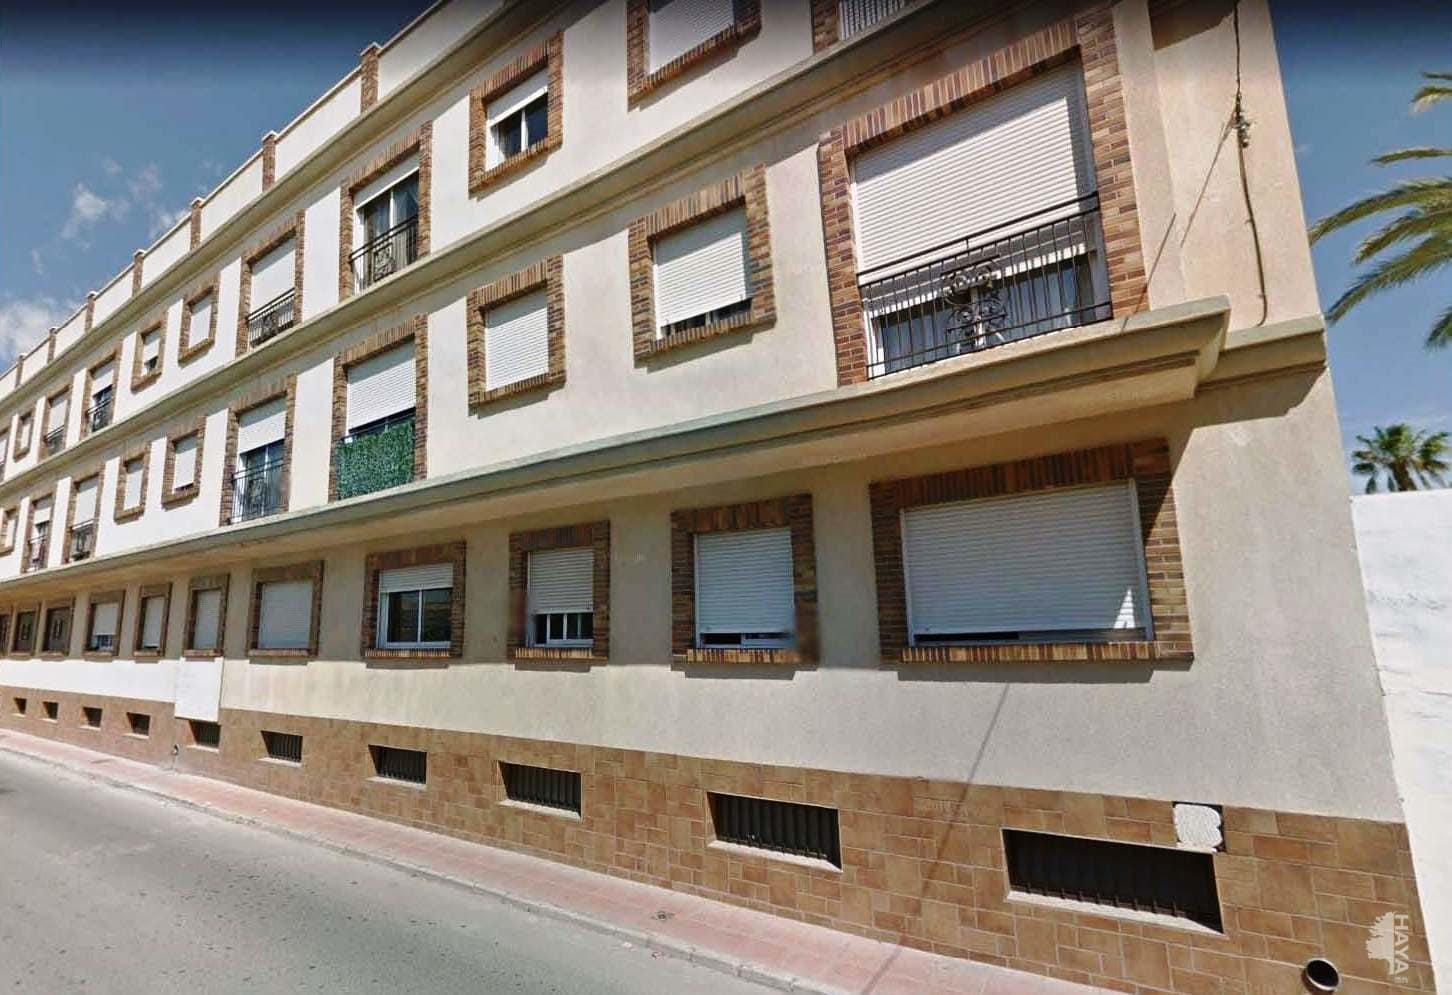 Piso en venta en El Mirador, San Javier, Murcia, Avenida Principal, 99.654 €, 3 habitaciones, 2 baños, 91 m2